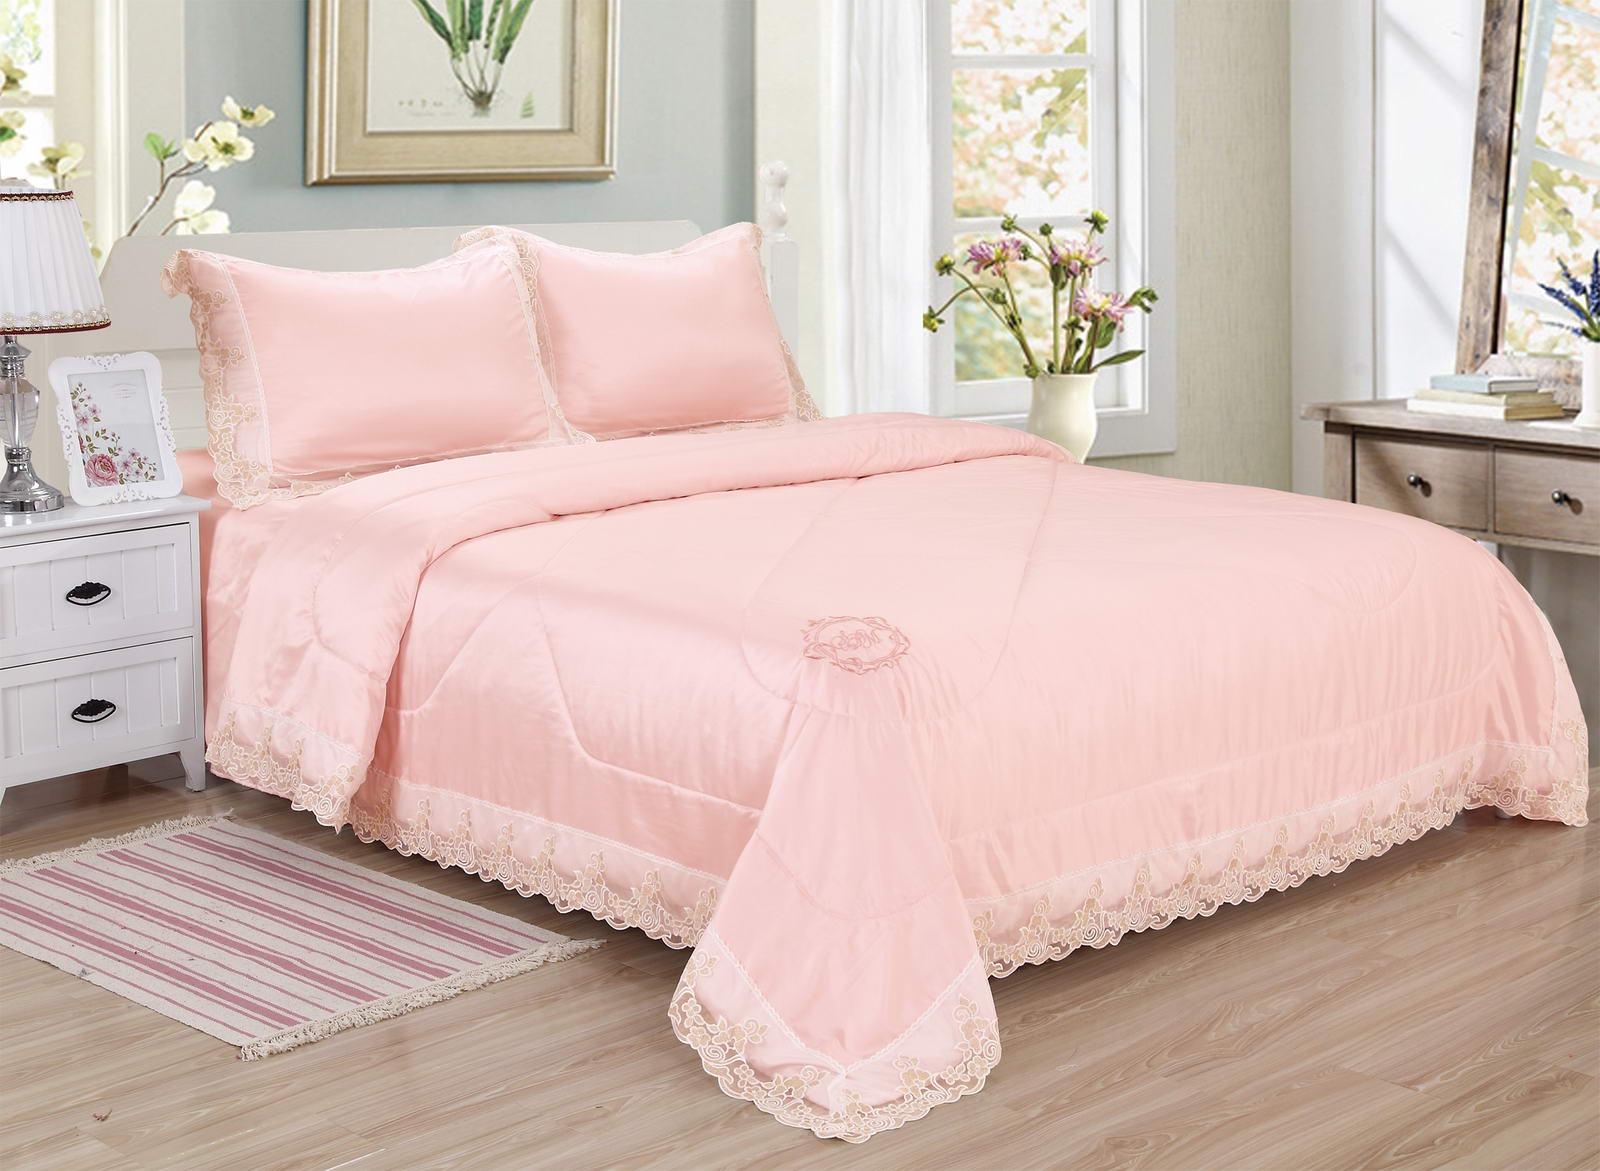 Комплект постельного белья Sofi de Marko Тиара Евро, розовый